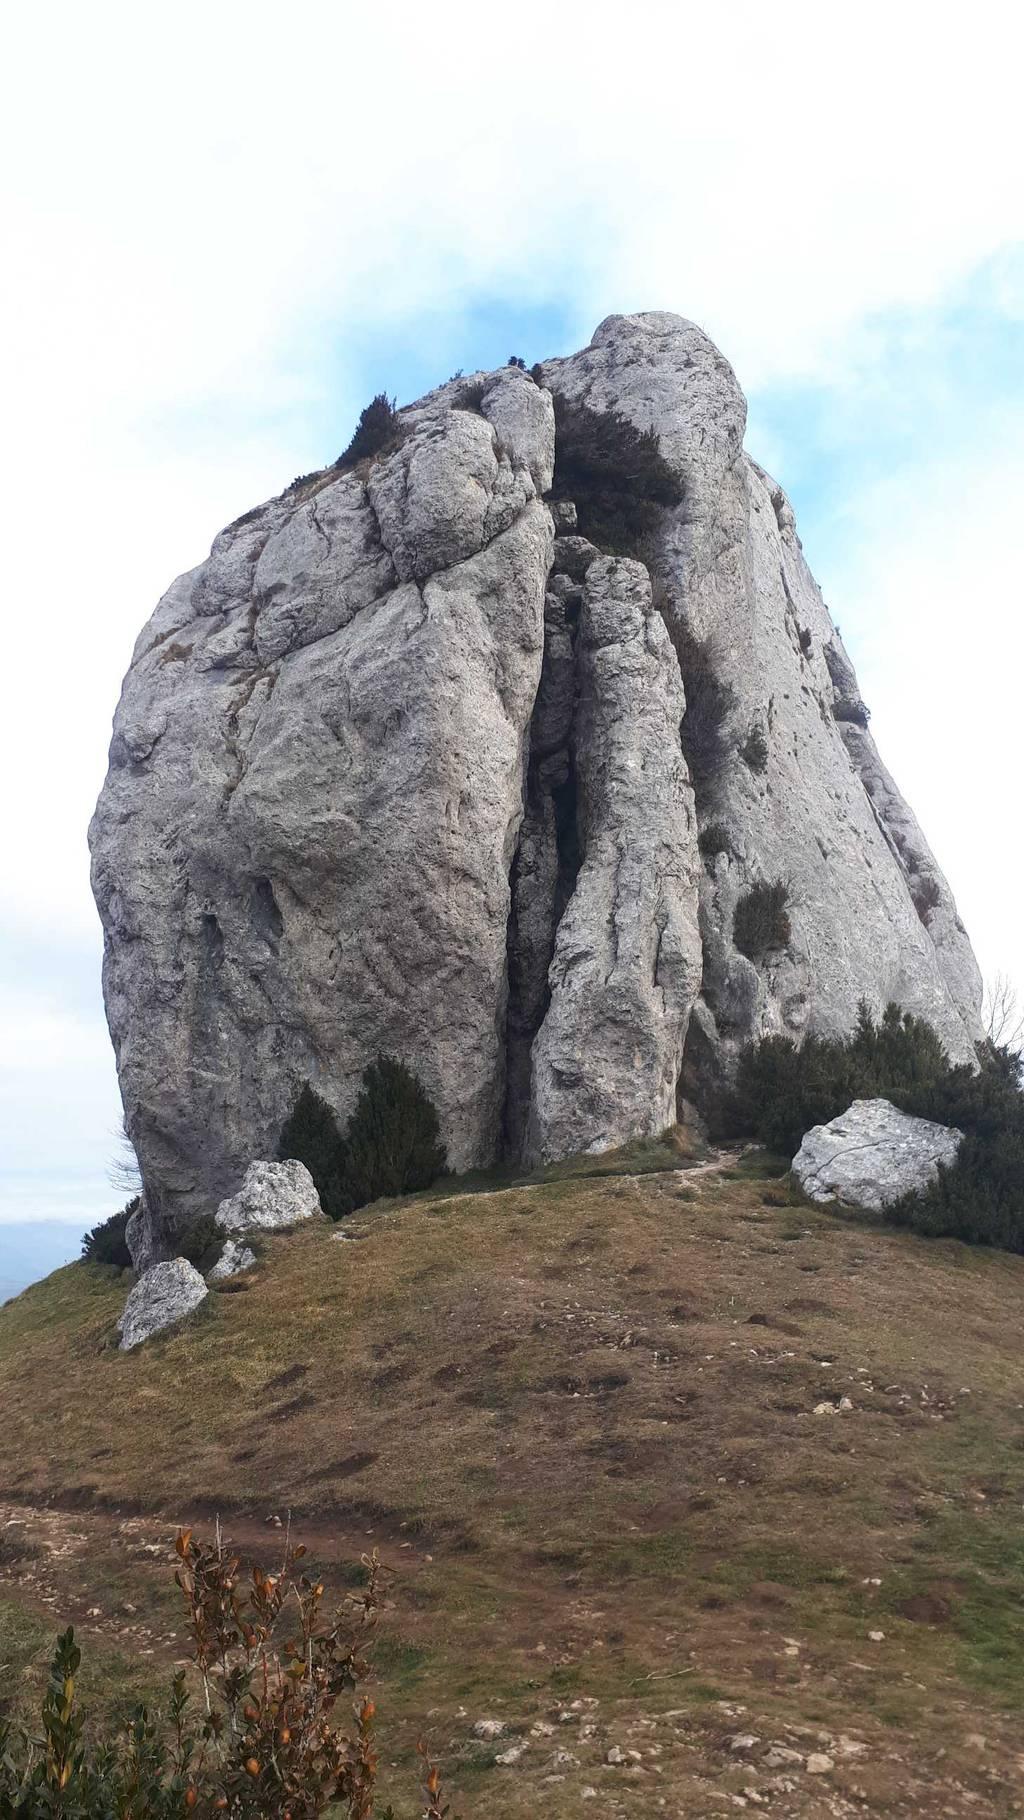 Saioa Arzamendi erabiltzailea San Tirso, Bonete De puntan, 2020-01-18 12:37